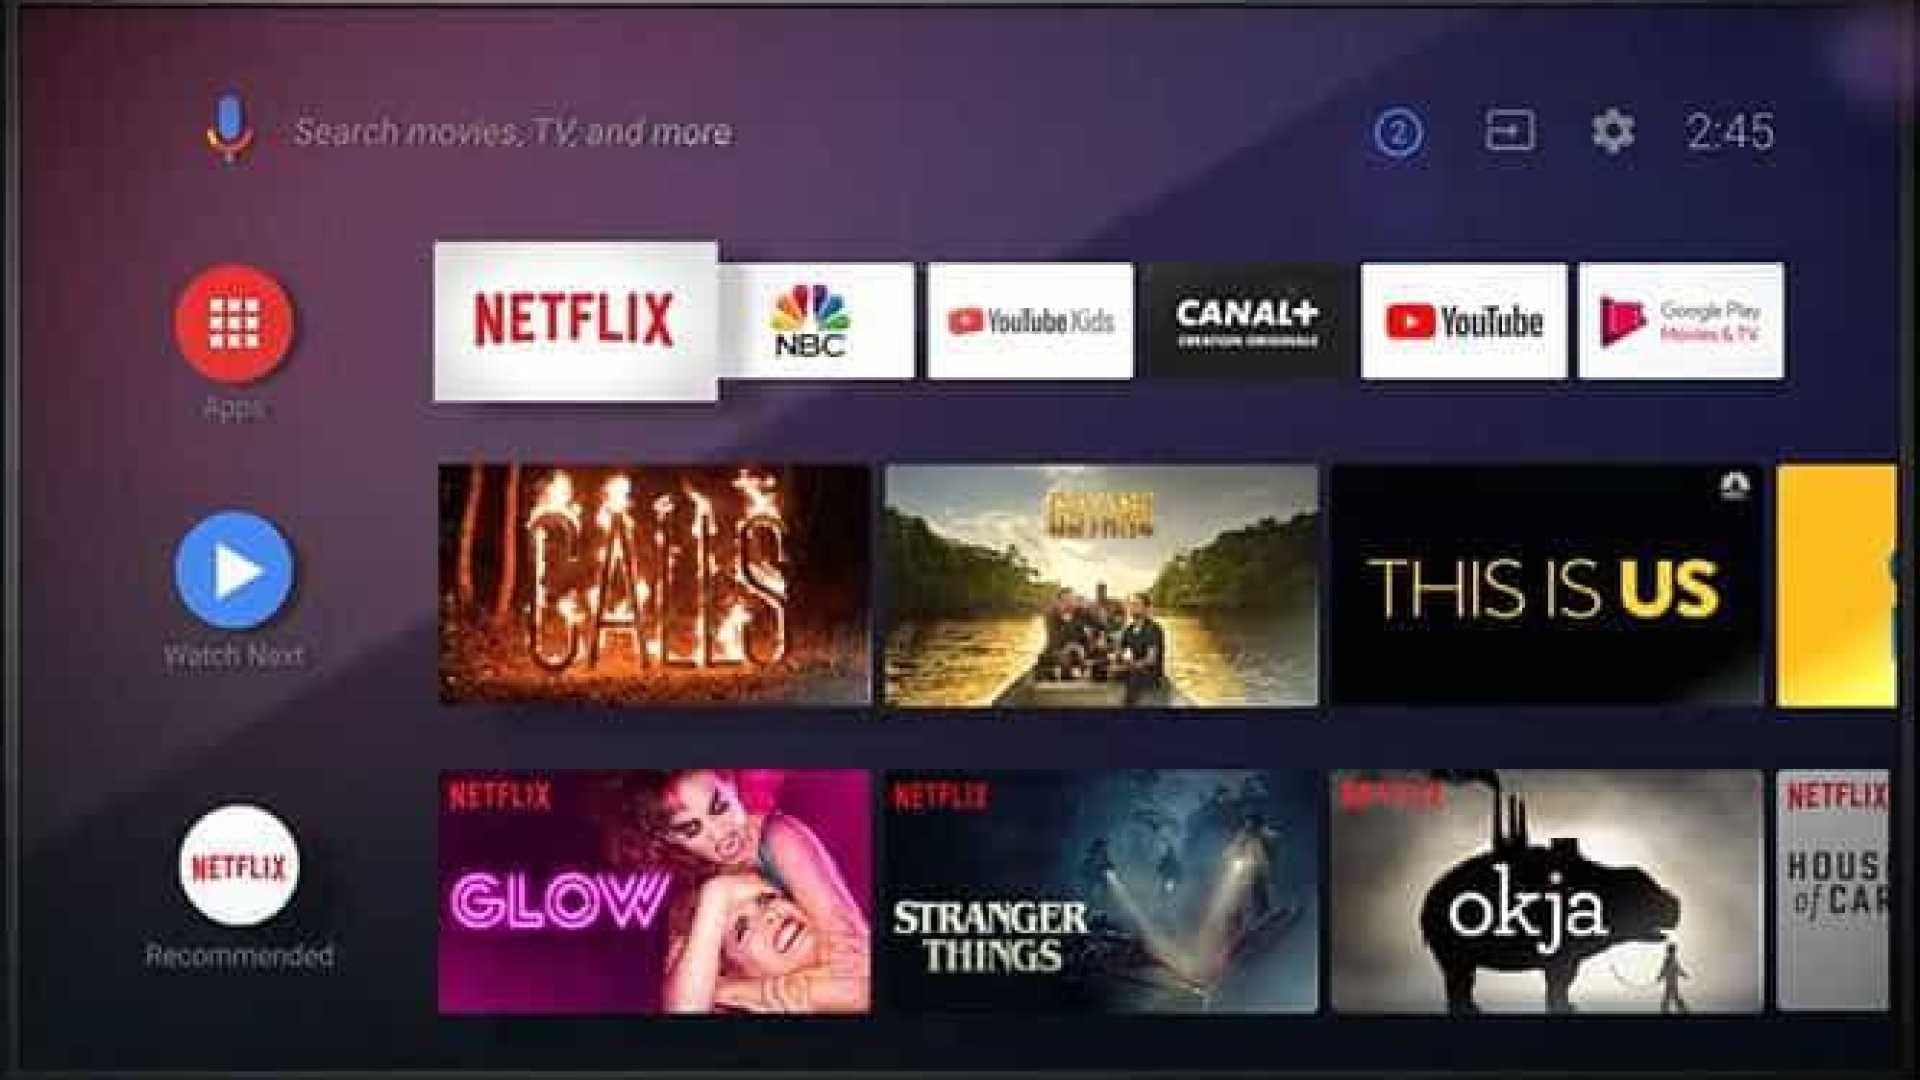 Os 10 Melhores Aplicativos Gratuitos Para Android Tvs Confira